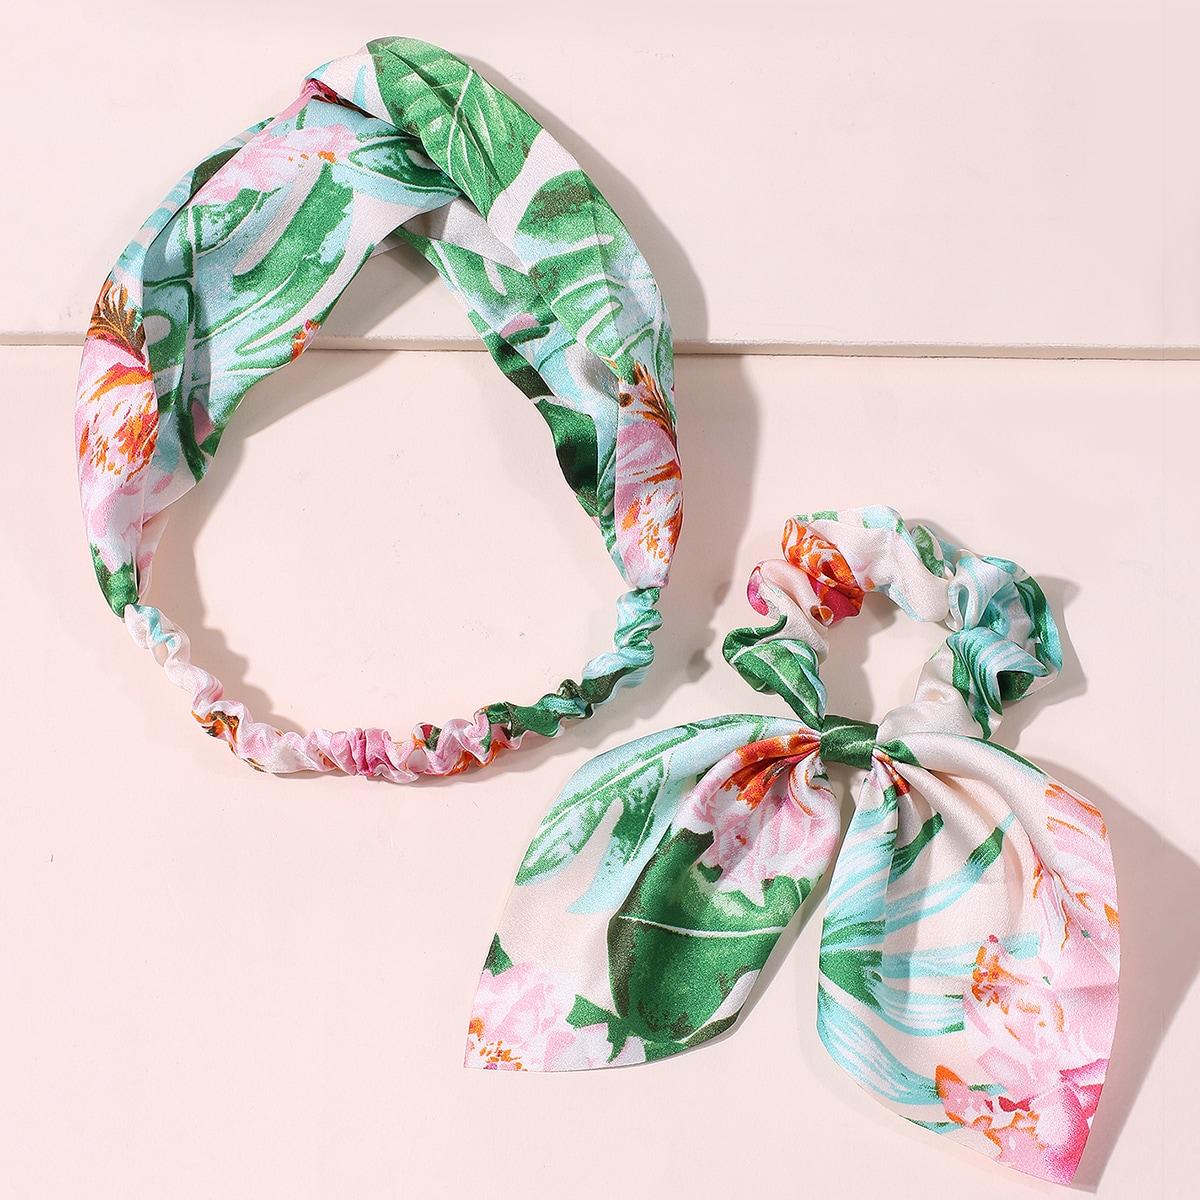 2шт повязка для волос и повязка на голову с тропическим узором от SHEIN